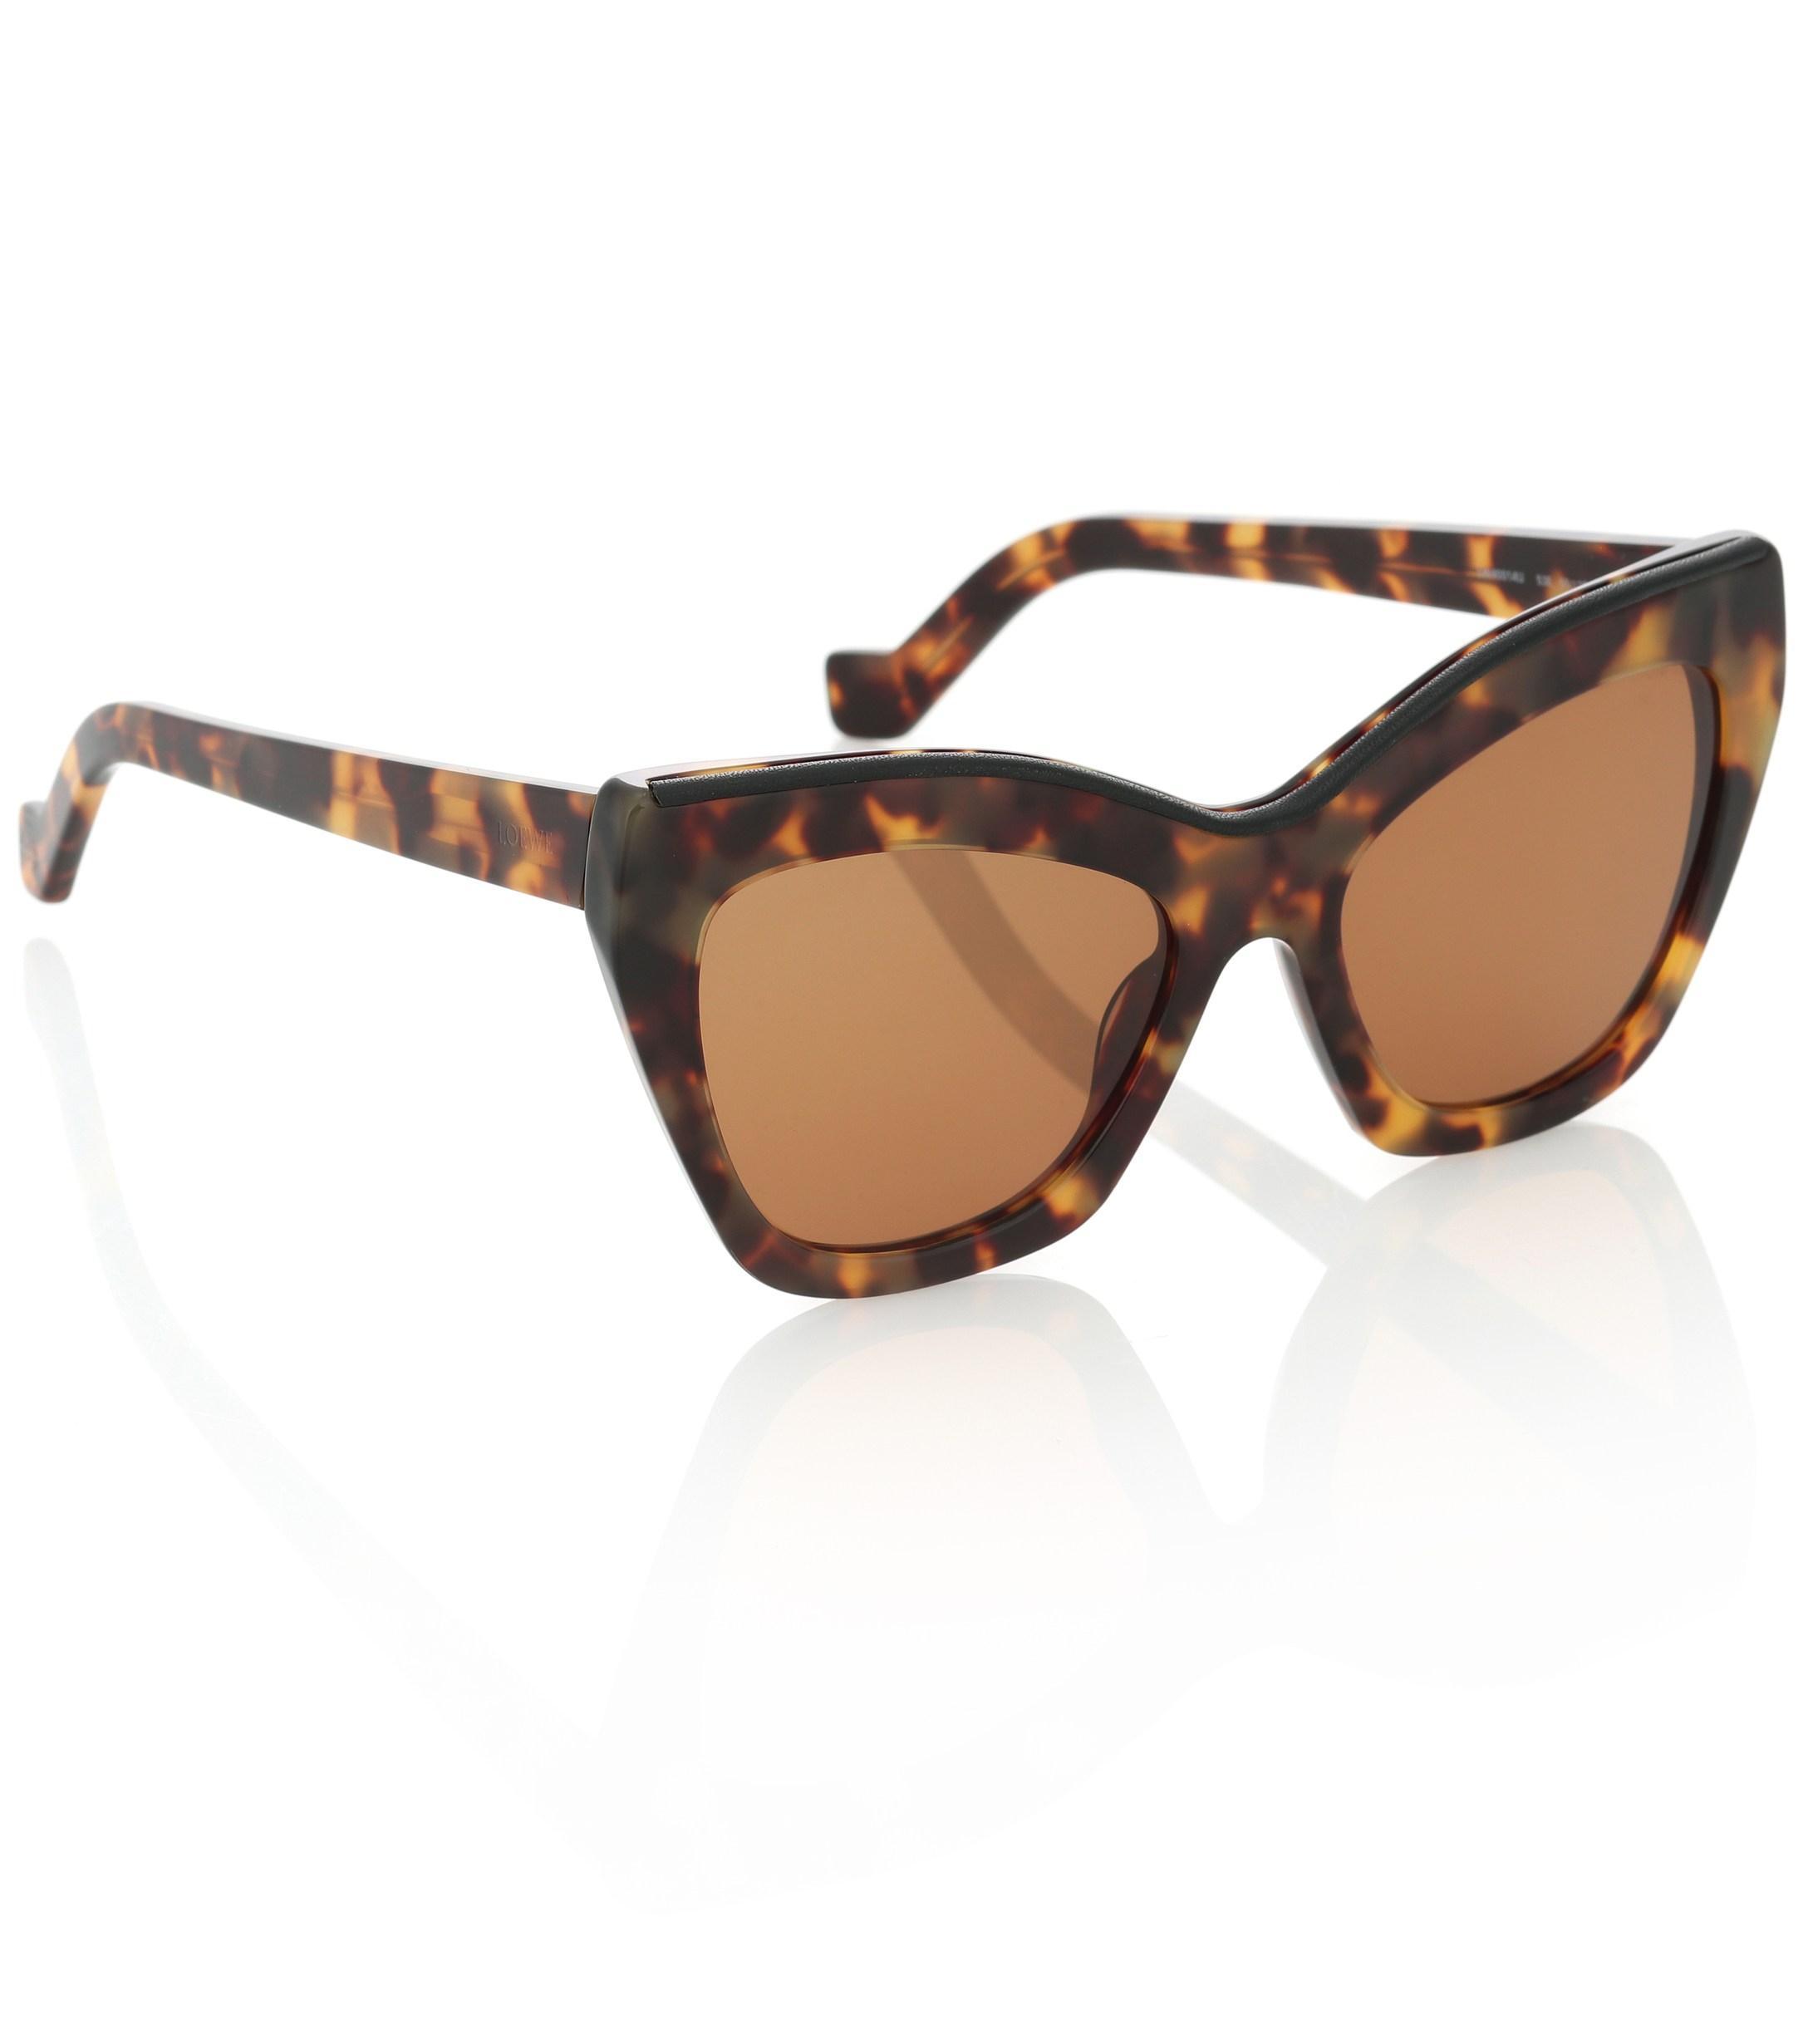 6cc843597b Loewe - Brown Cat-eye Acetate Sunglasses - Lyst. View fullscreen